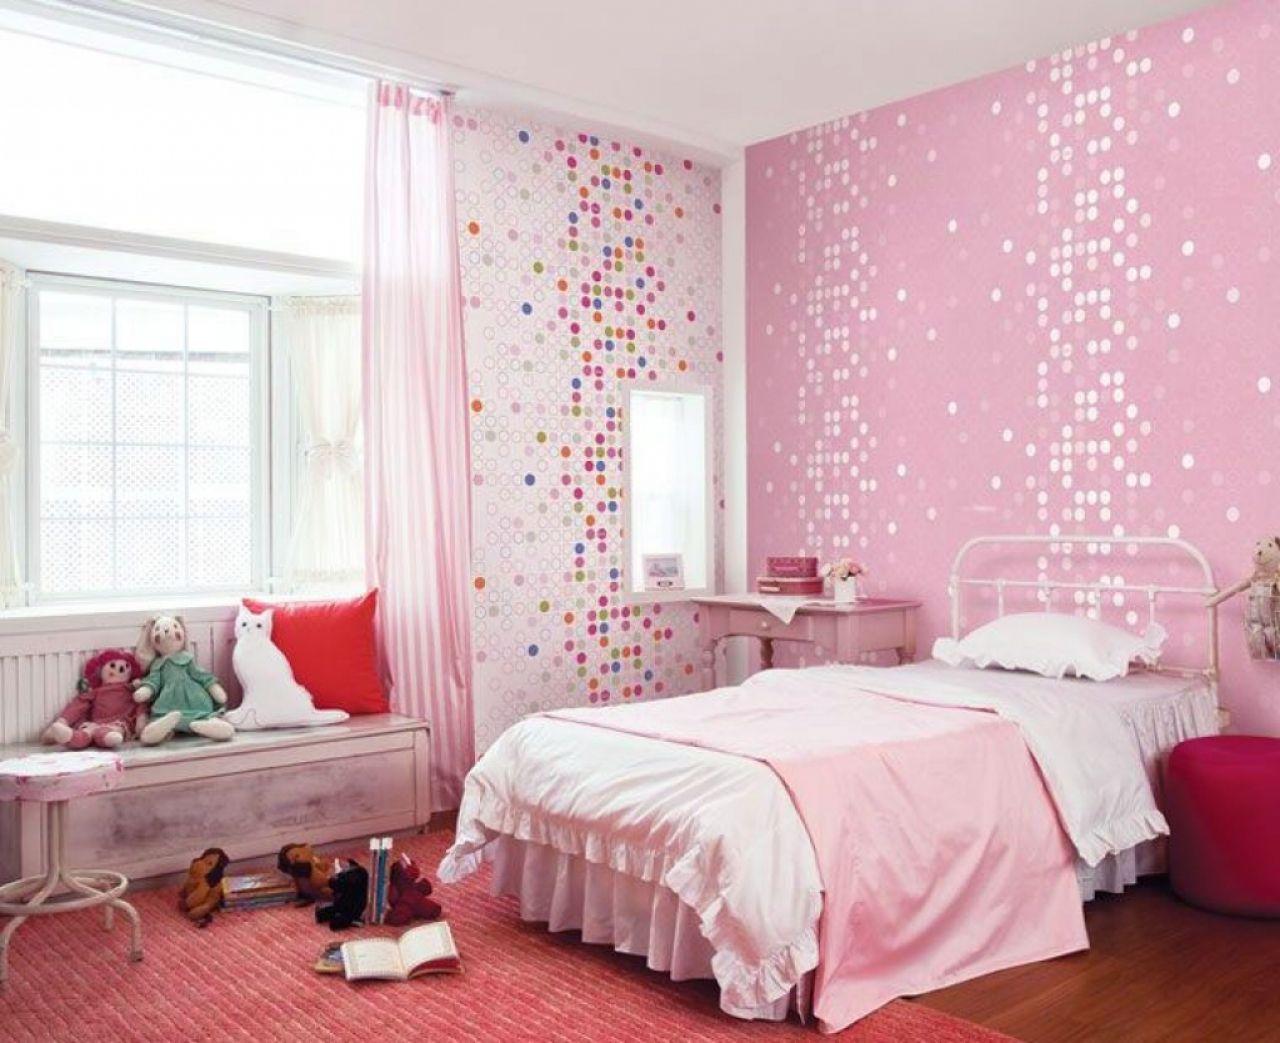 Wallpaper Room Decor – Wallpaper for a Bedroom